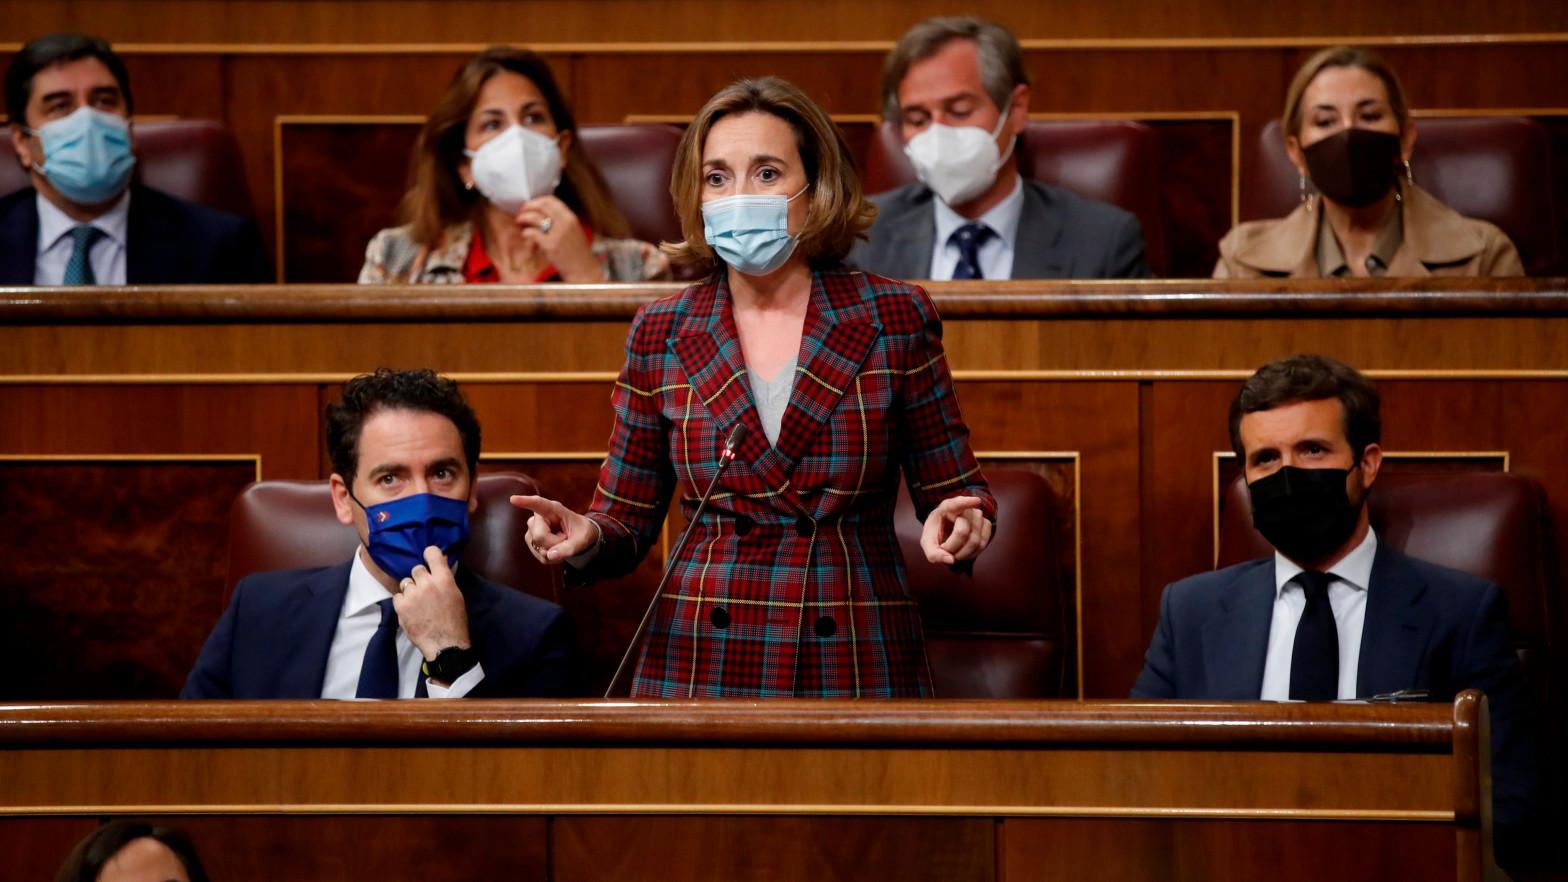 """El PP acusa a Sánchez de """"reírse"""" del Consejo de Estado y Calvo lo niega: """"Al Gobierno no le suplanta ningún órgano"""""""